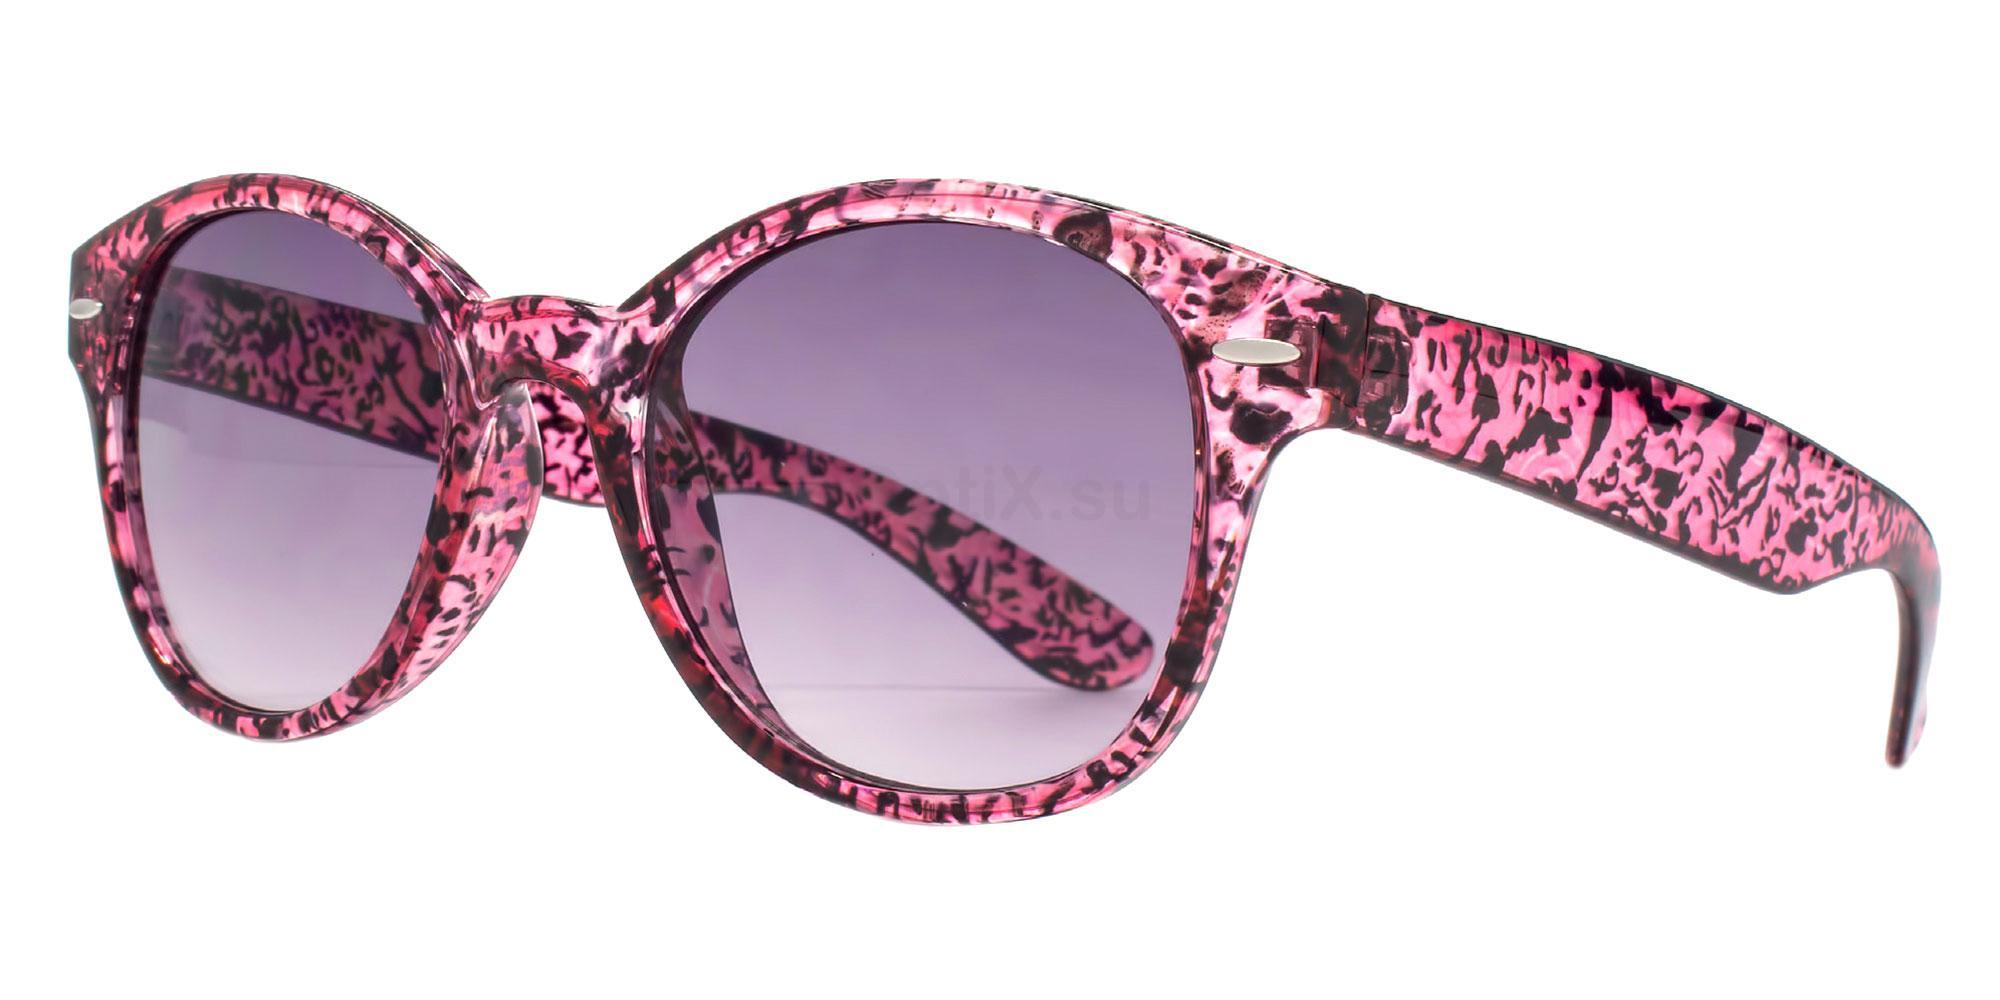 MUK147833 SOHO Sunglasses, M:UK